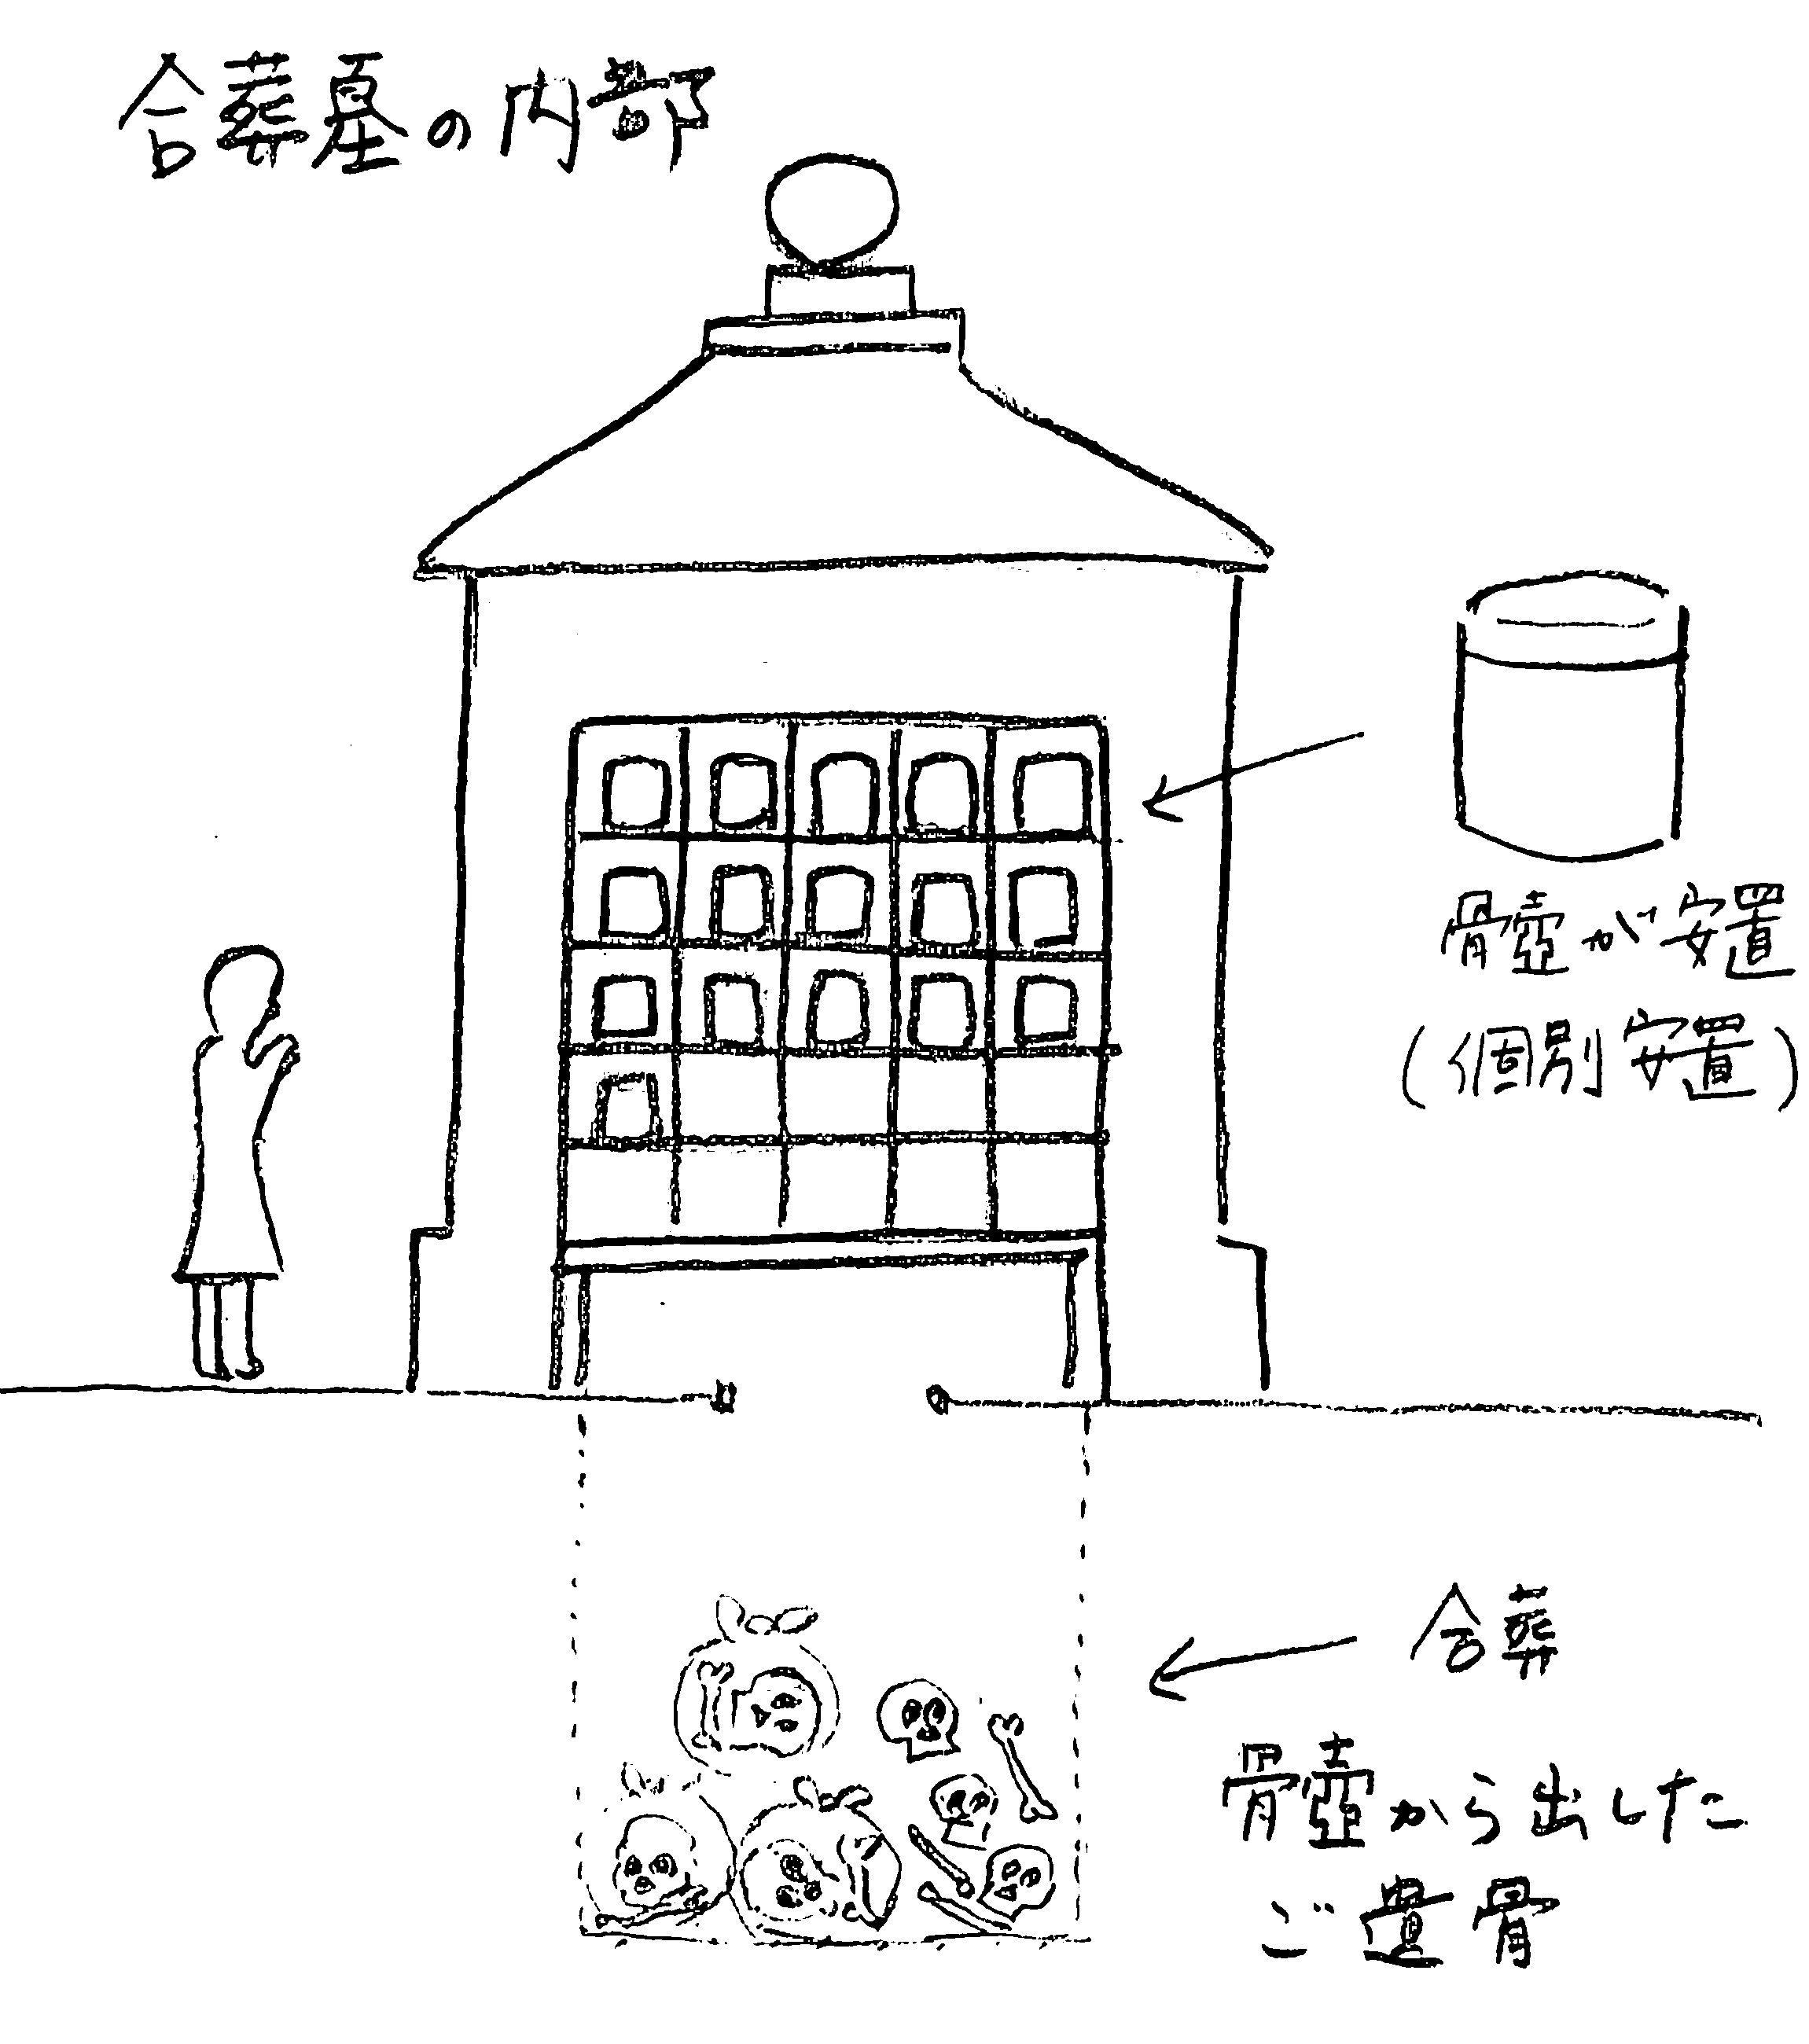 合葬墓の構造